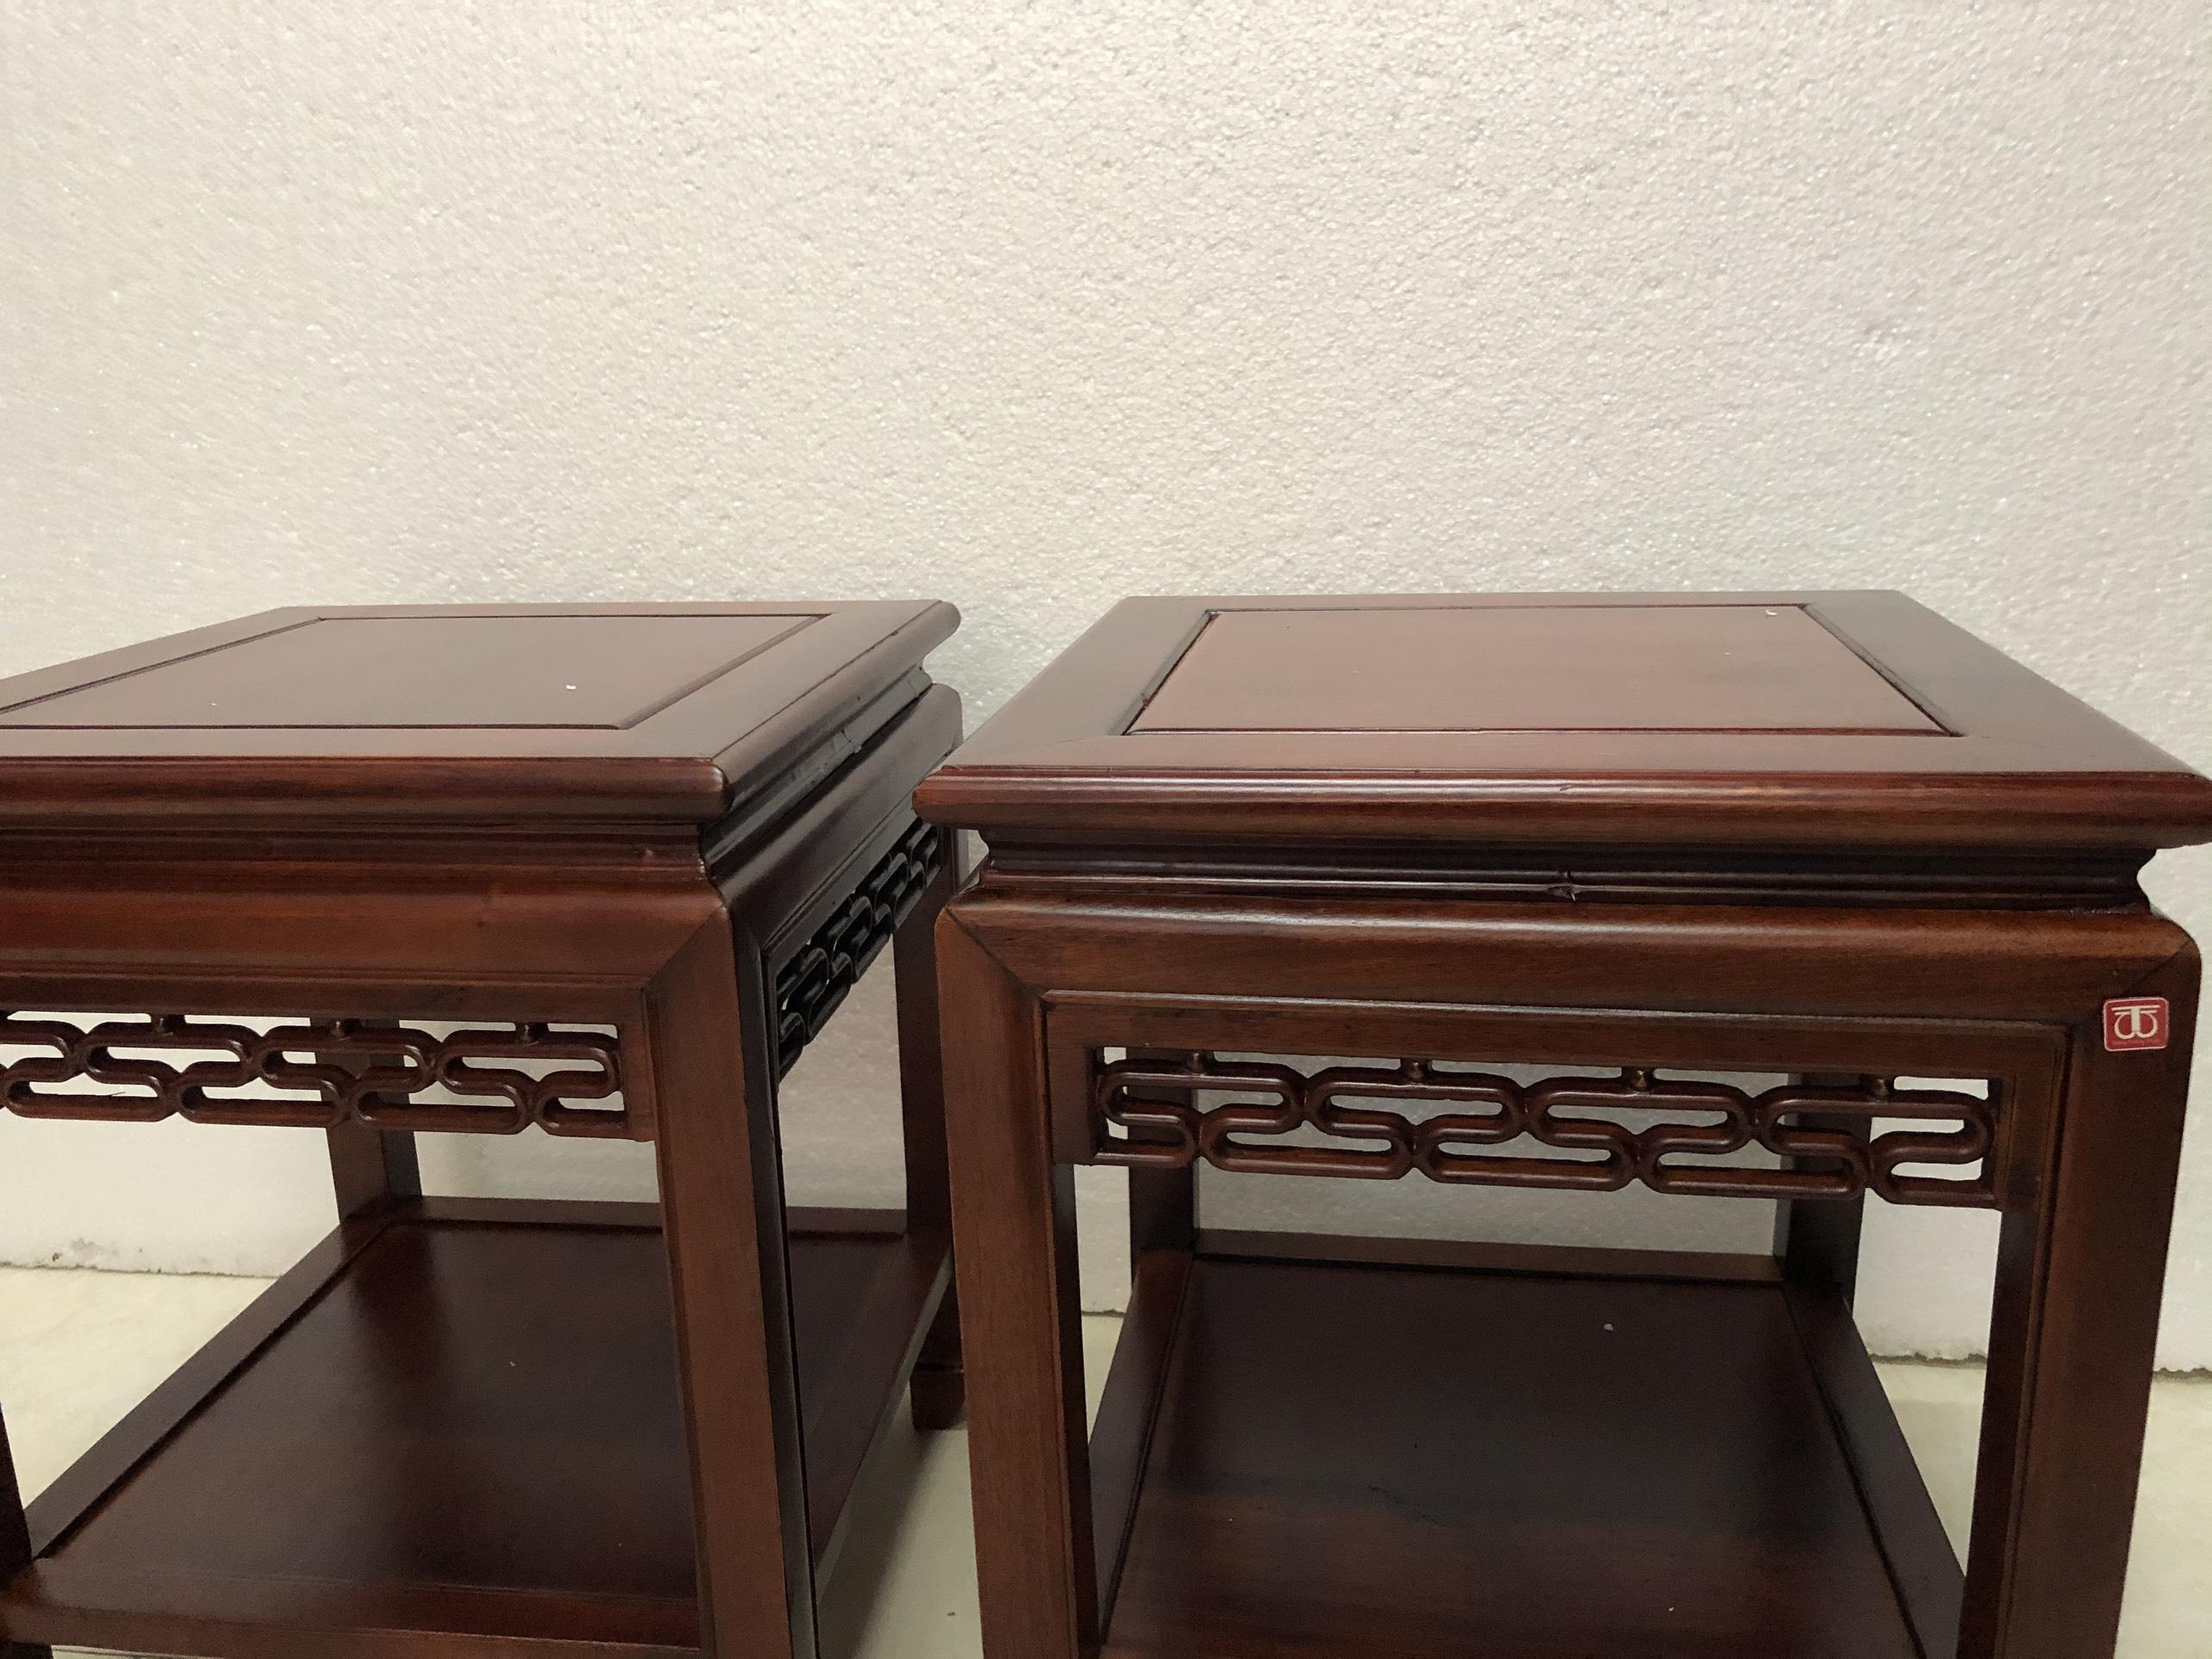 Combo 2 chiếc Đôn vuông gỗ hương mẫu ríc rắc